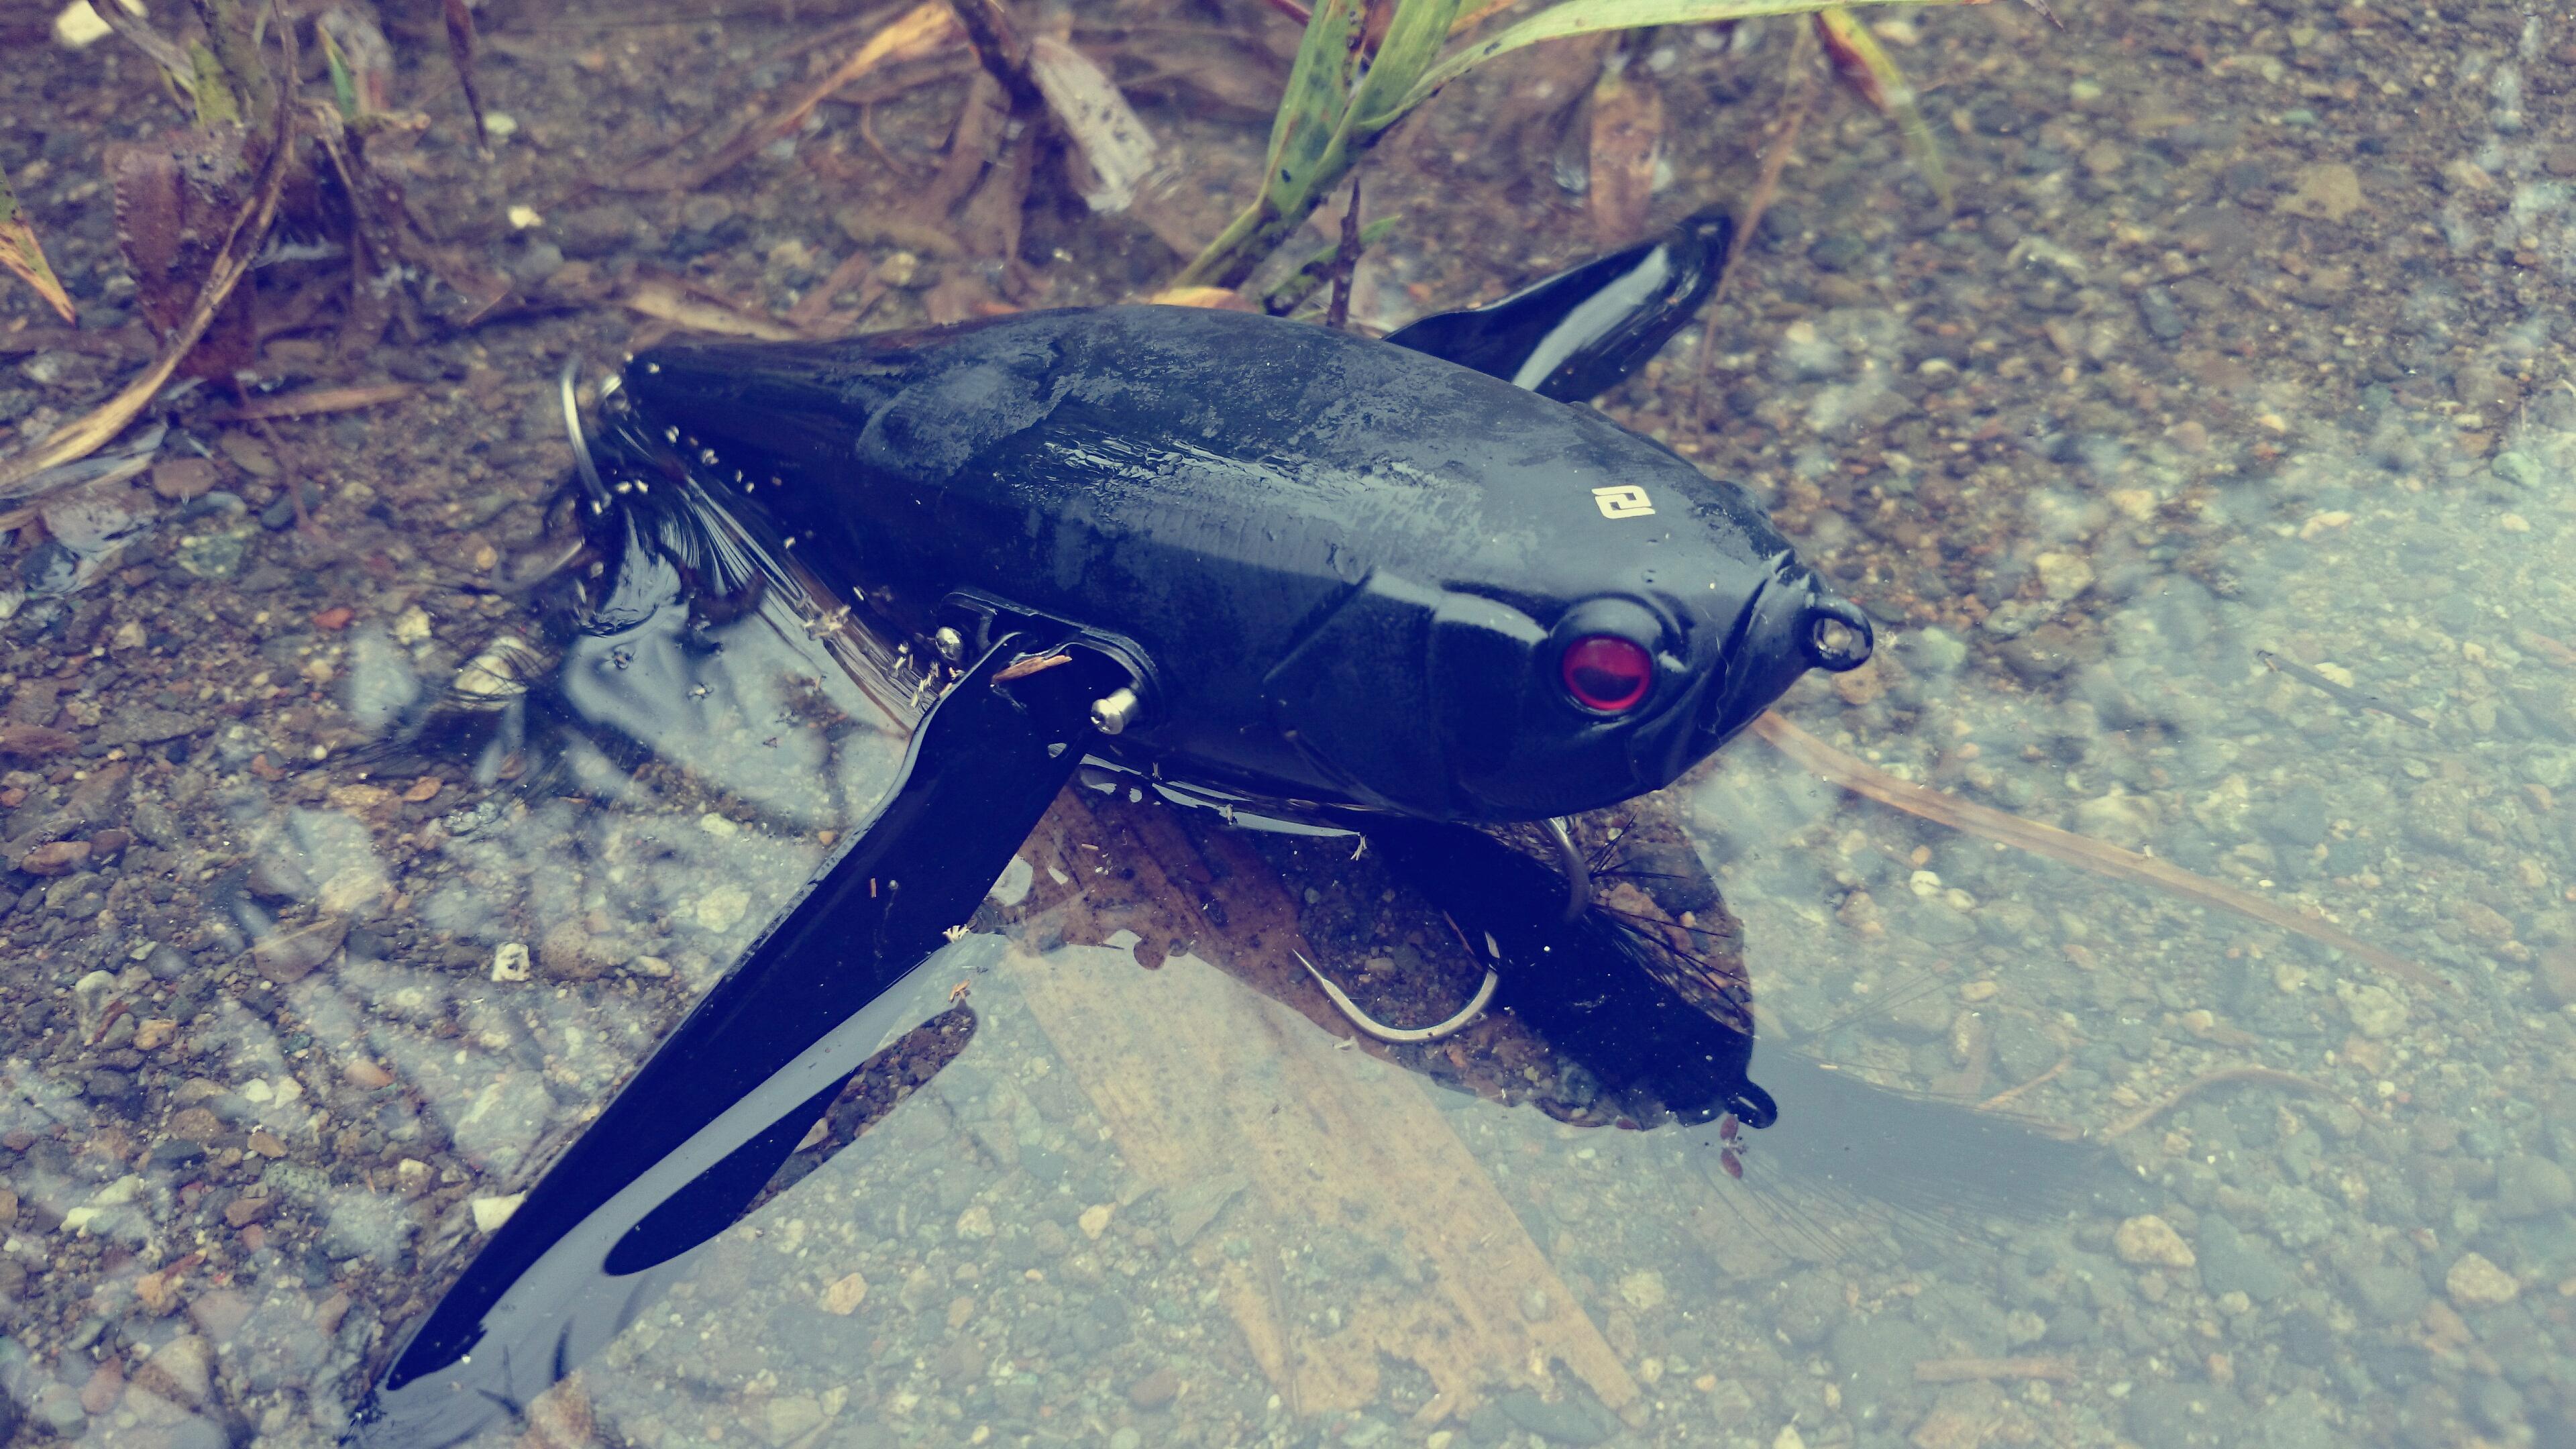 【デカダッジインプレ】魚を呼ぶ力&使いやすさMAXクローラーベイト